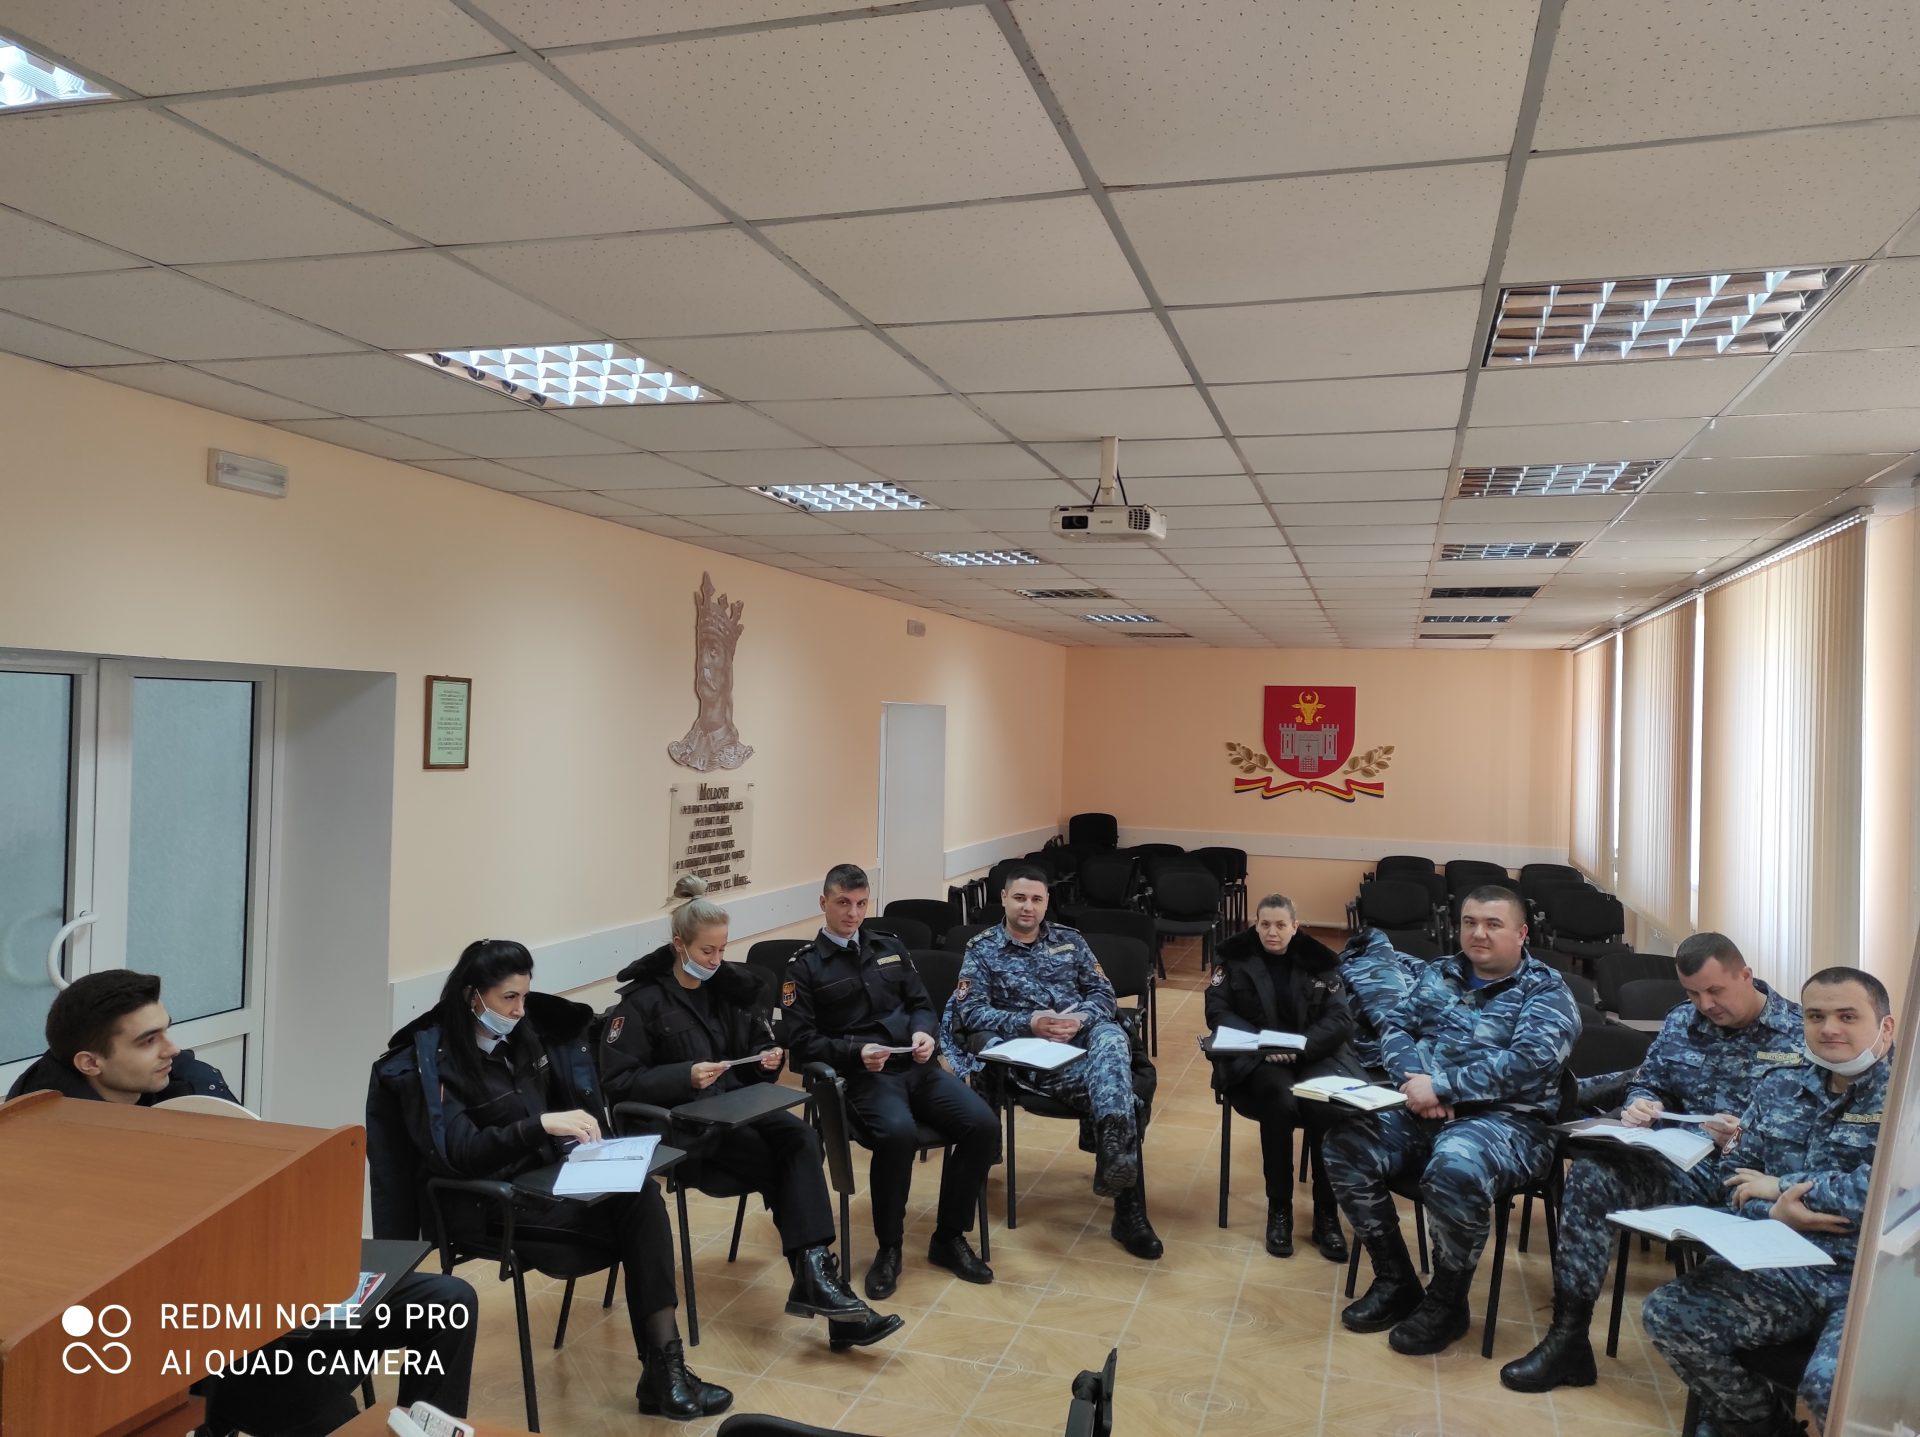 Ofițerii din sistemul penitenciar instruiți în domeniul prevenirii torturii